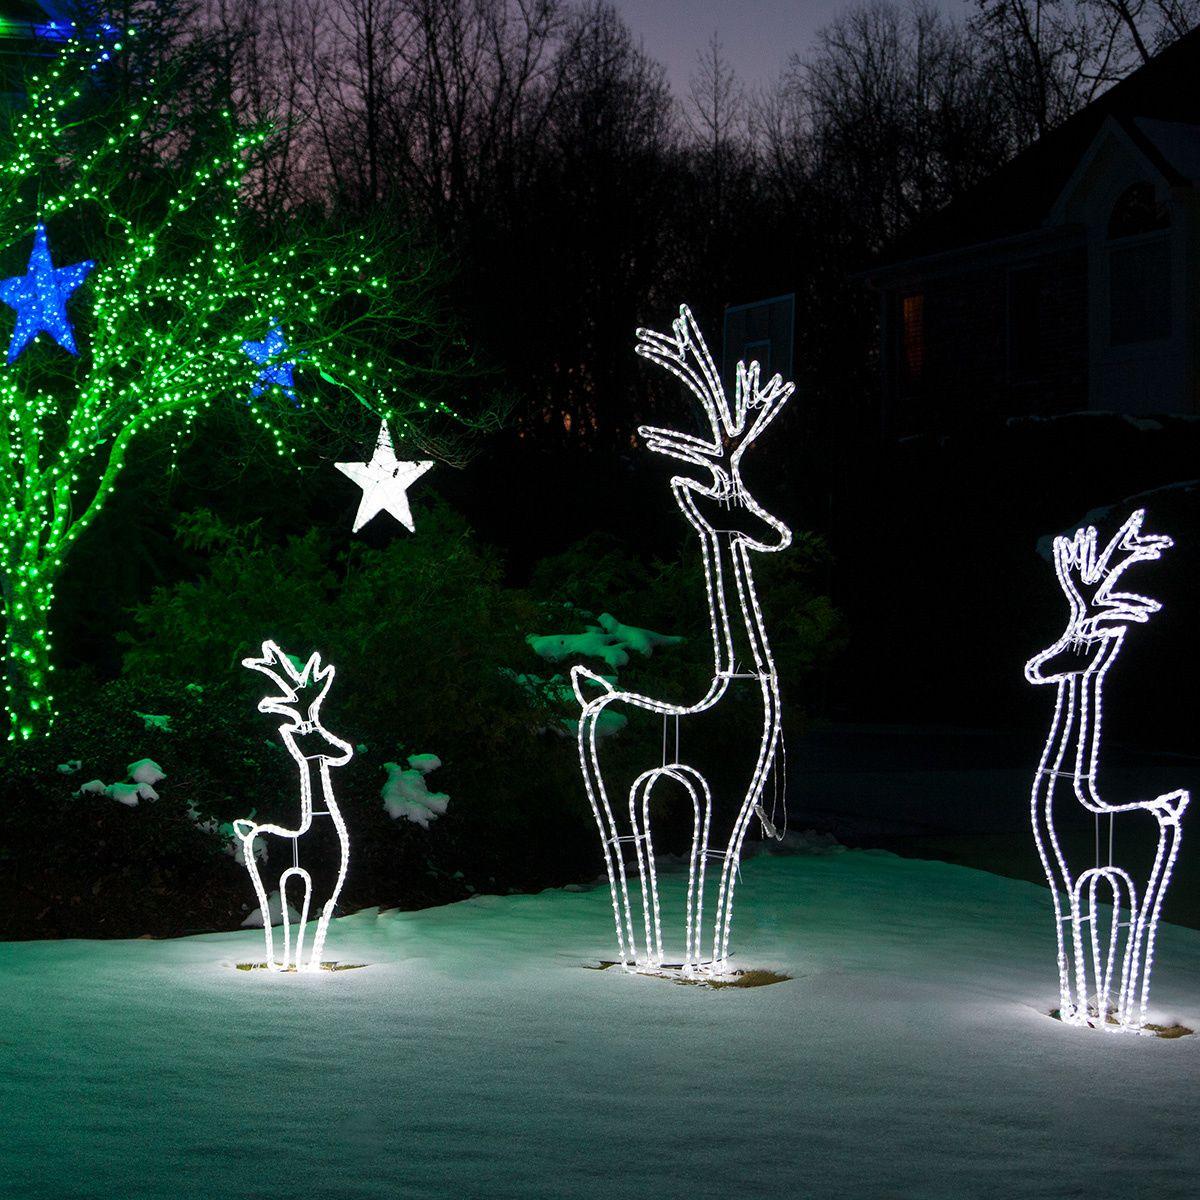 Christmas Decorations Christmas Lights Etc Christmas Decorations Sale Outdoor Christmas Lights Christmas Yard Decorations